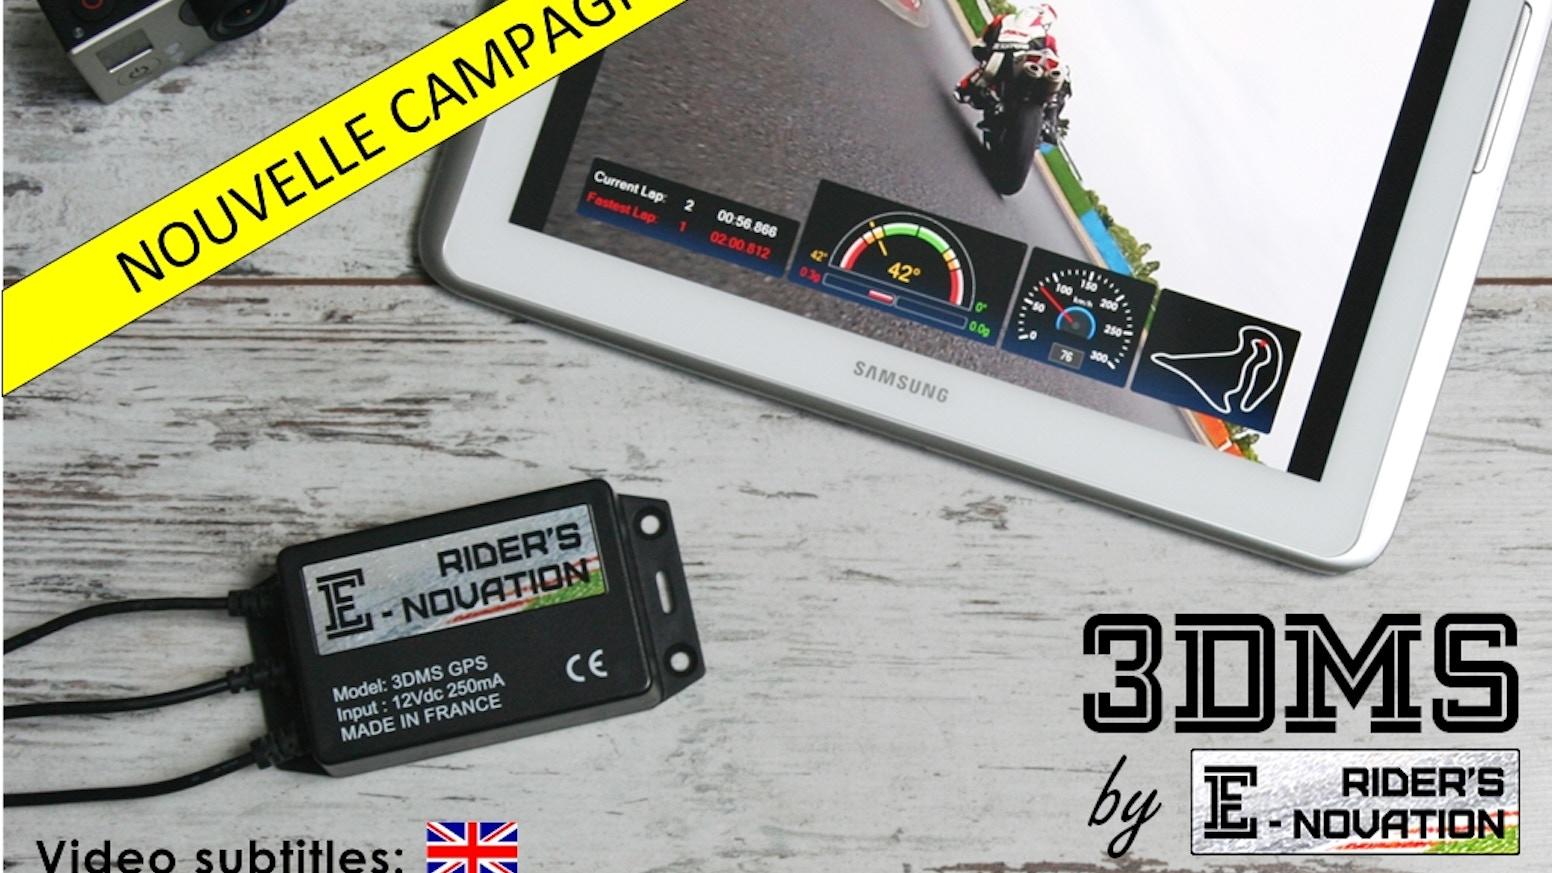 Embarquez un 3DMS sur votre 2-roues, enregistrez, améliorez vos perf' (angle, accélération, chrono, GPS) et partagez-les en vidéo !